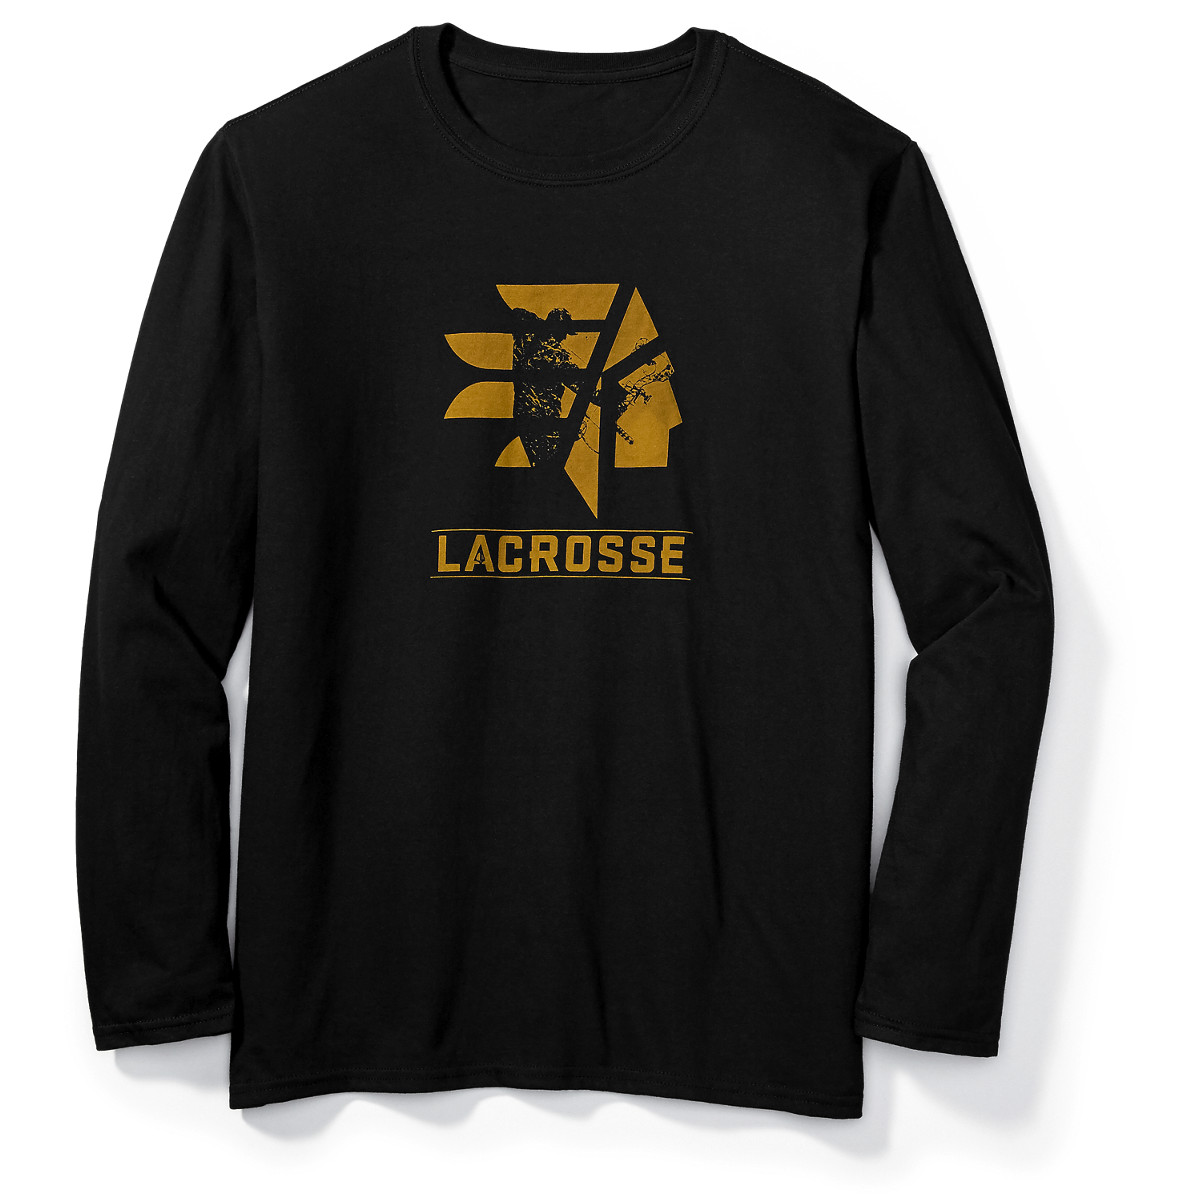 LaCrosse LS Tee - Bowhunting Black